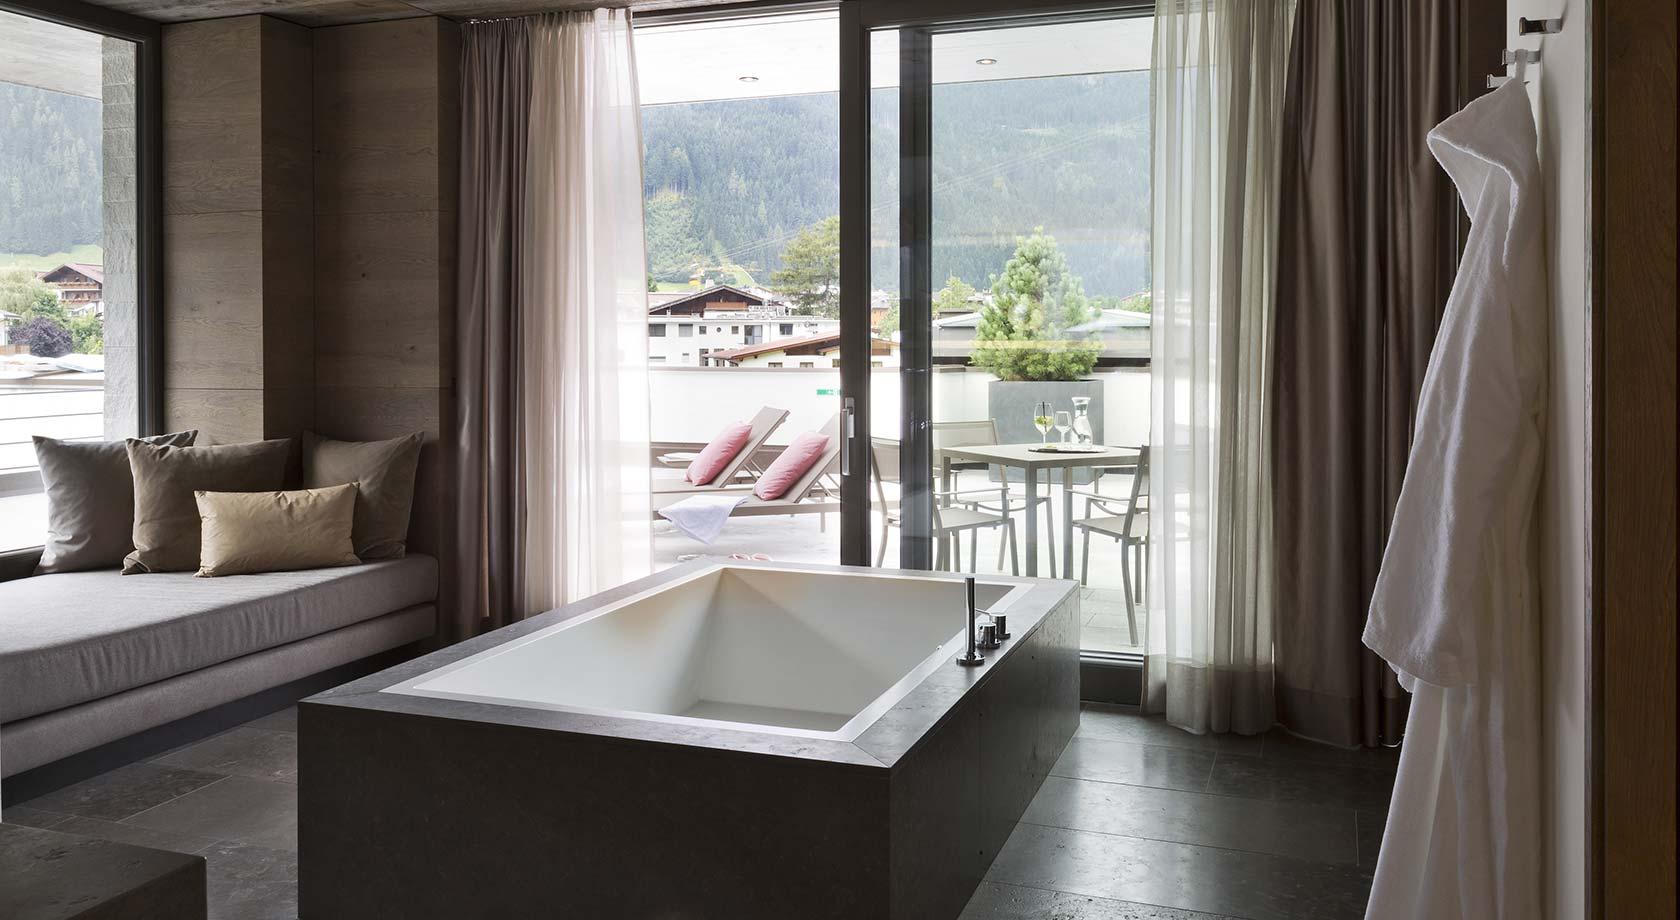 Vasca Da Bagno Per Hotel : Vasche da bagno in corian rivestite in pietra arredo bagno su misura